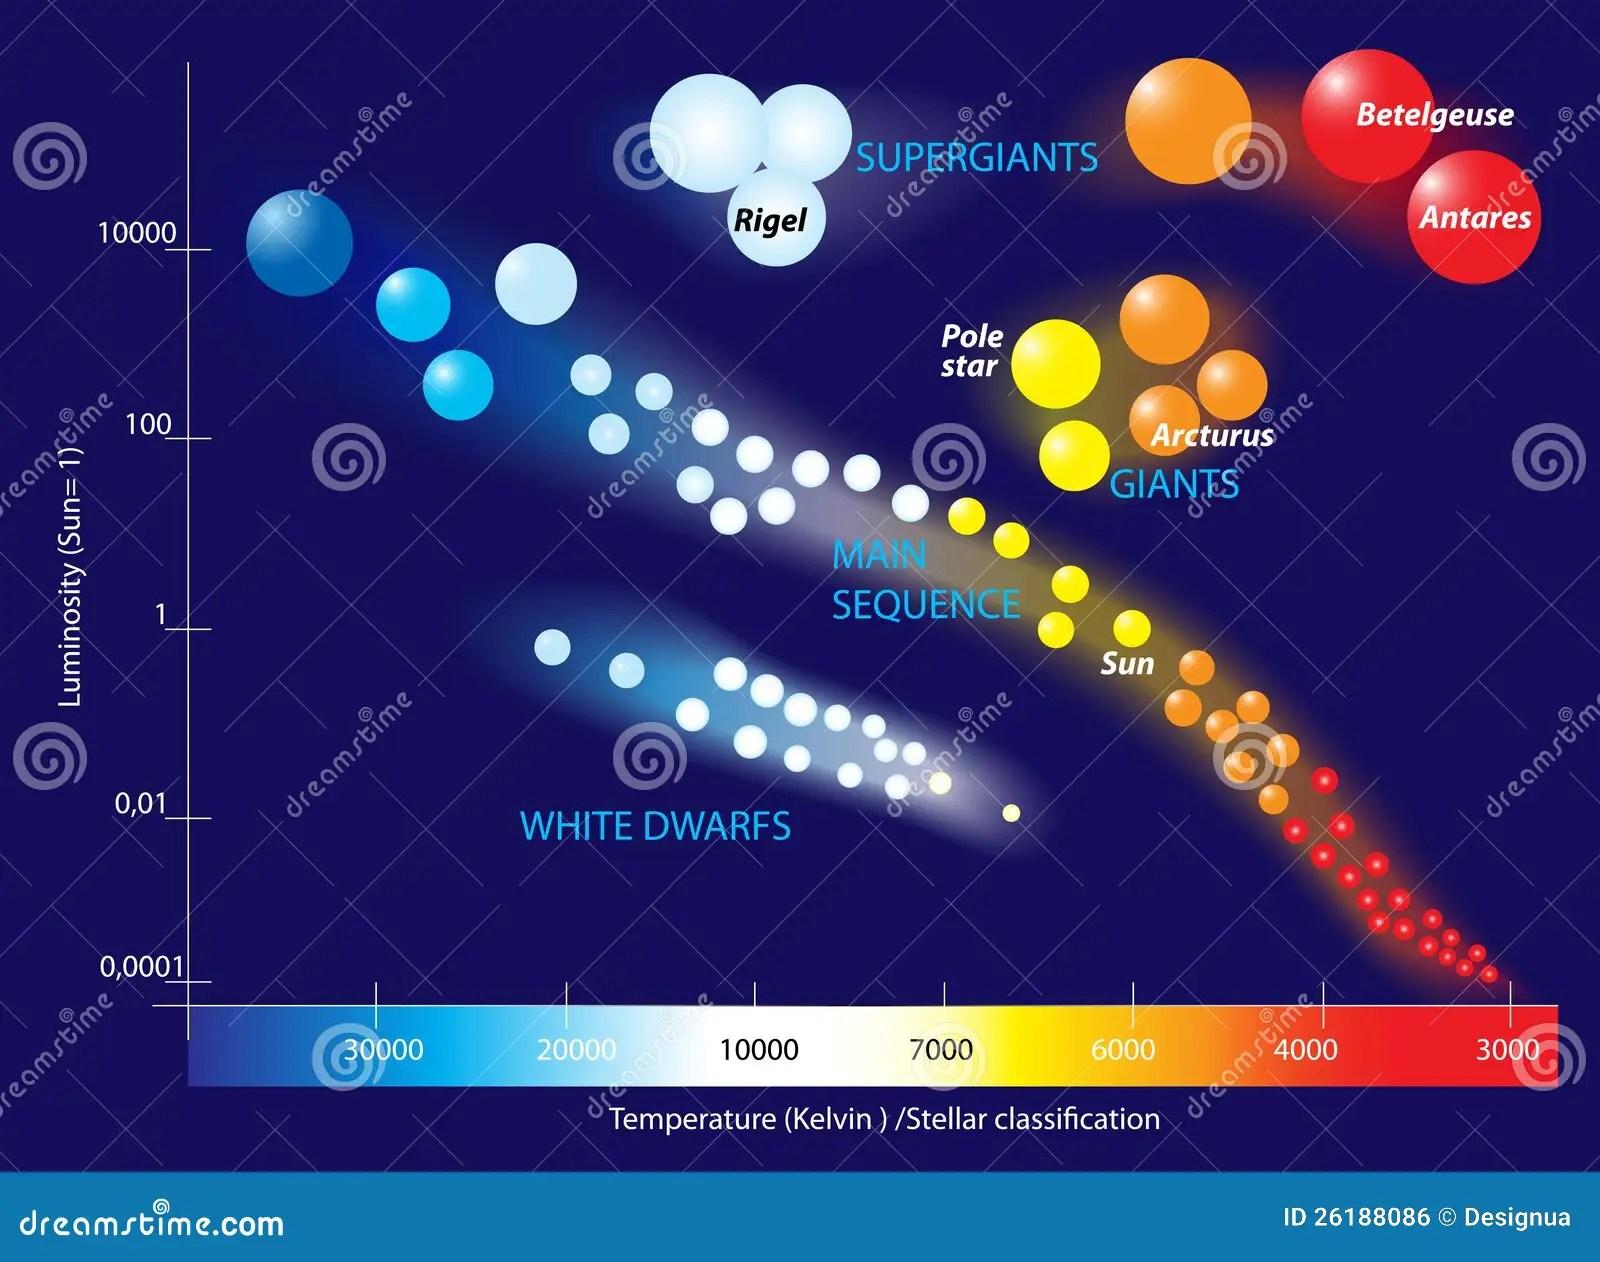 Hertzsprung Russell Diagram Stock Vector